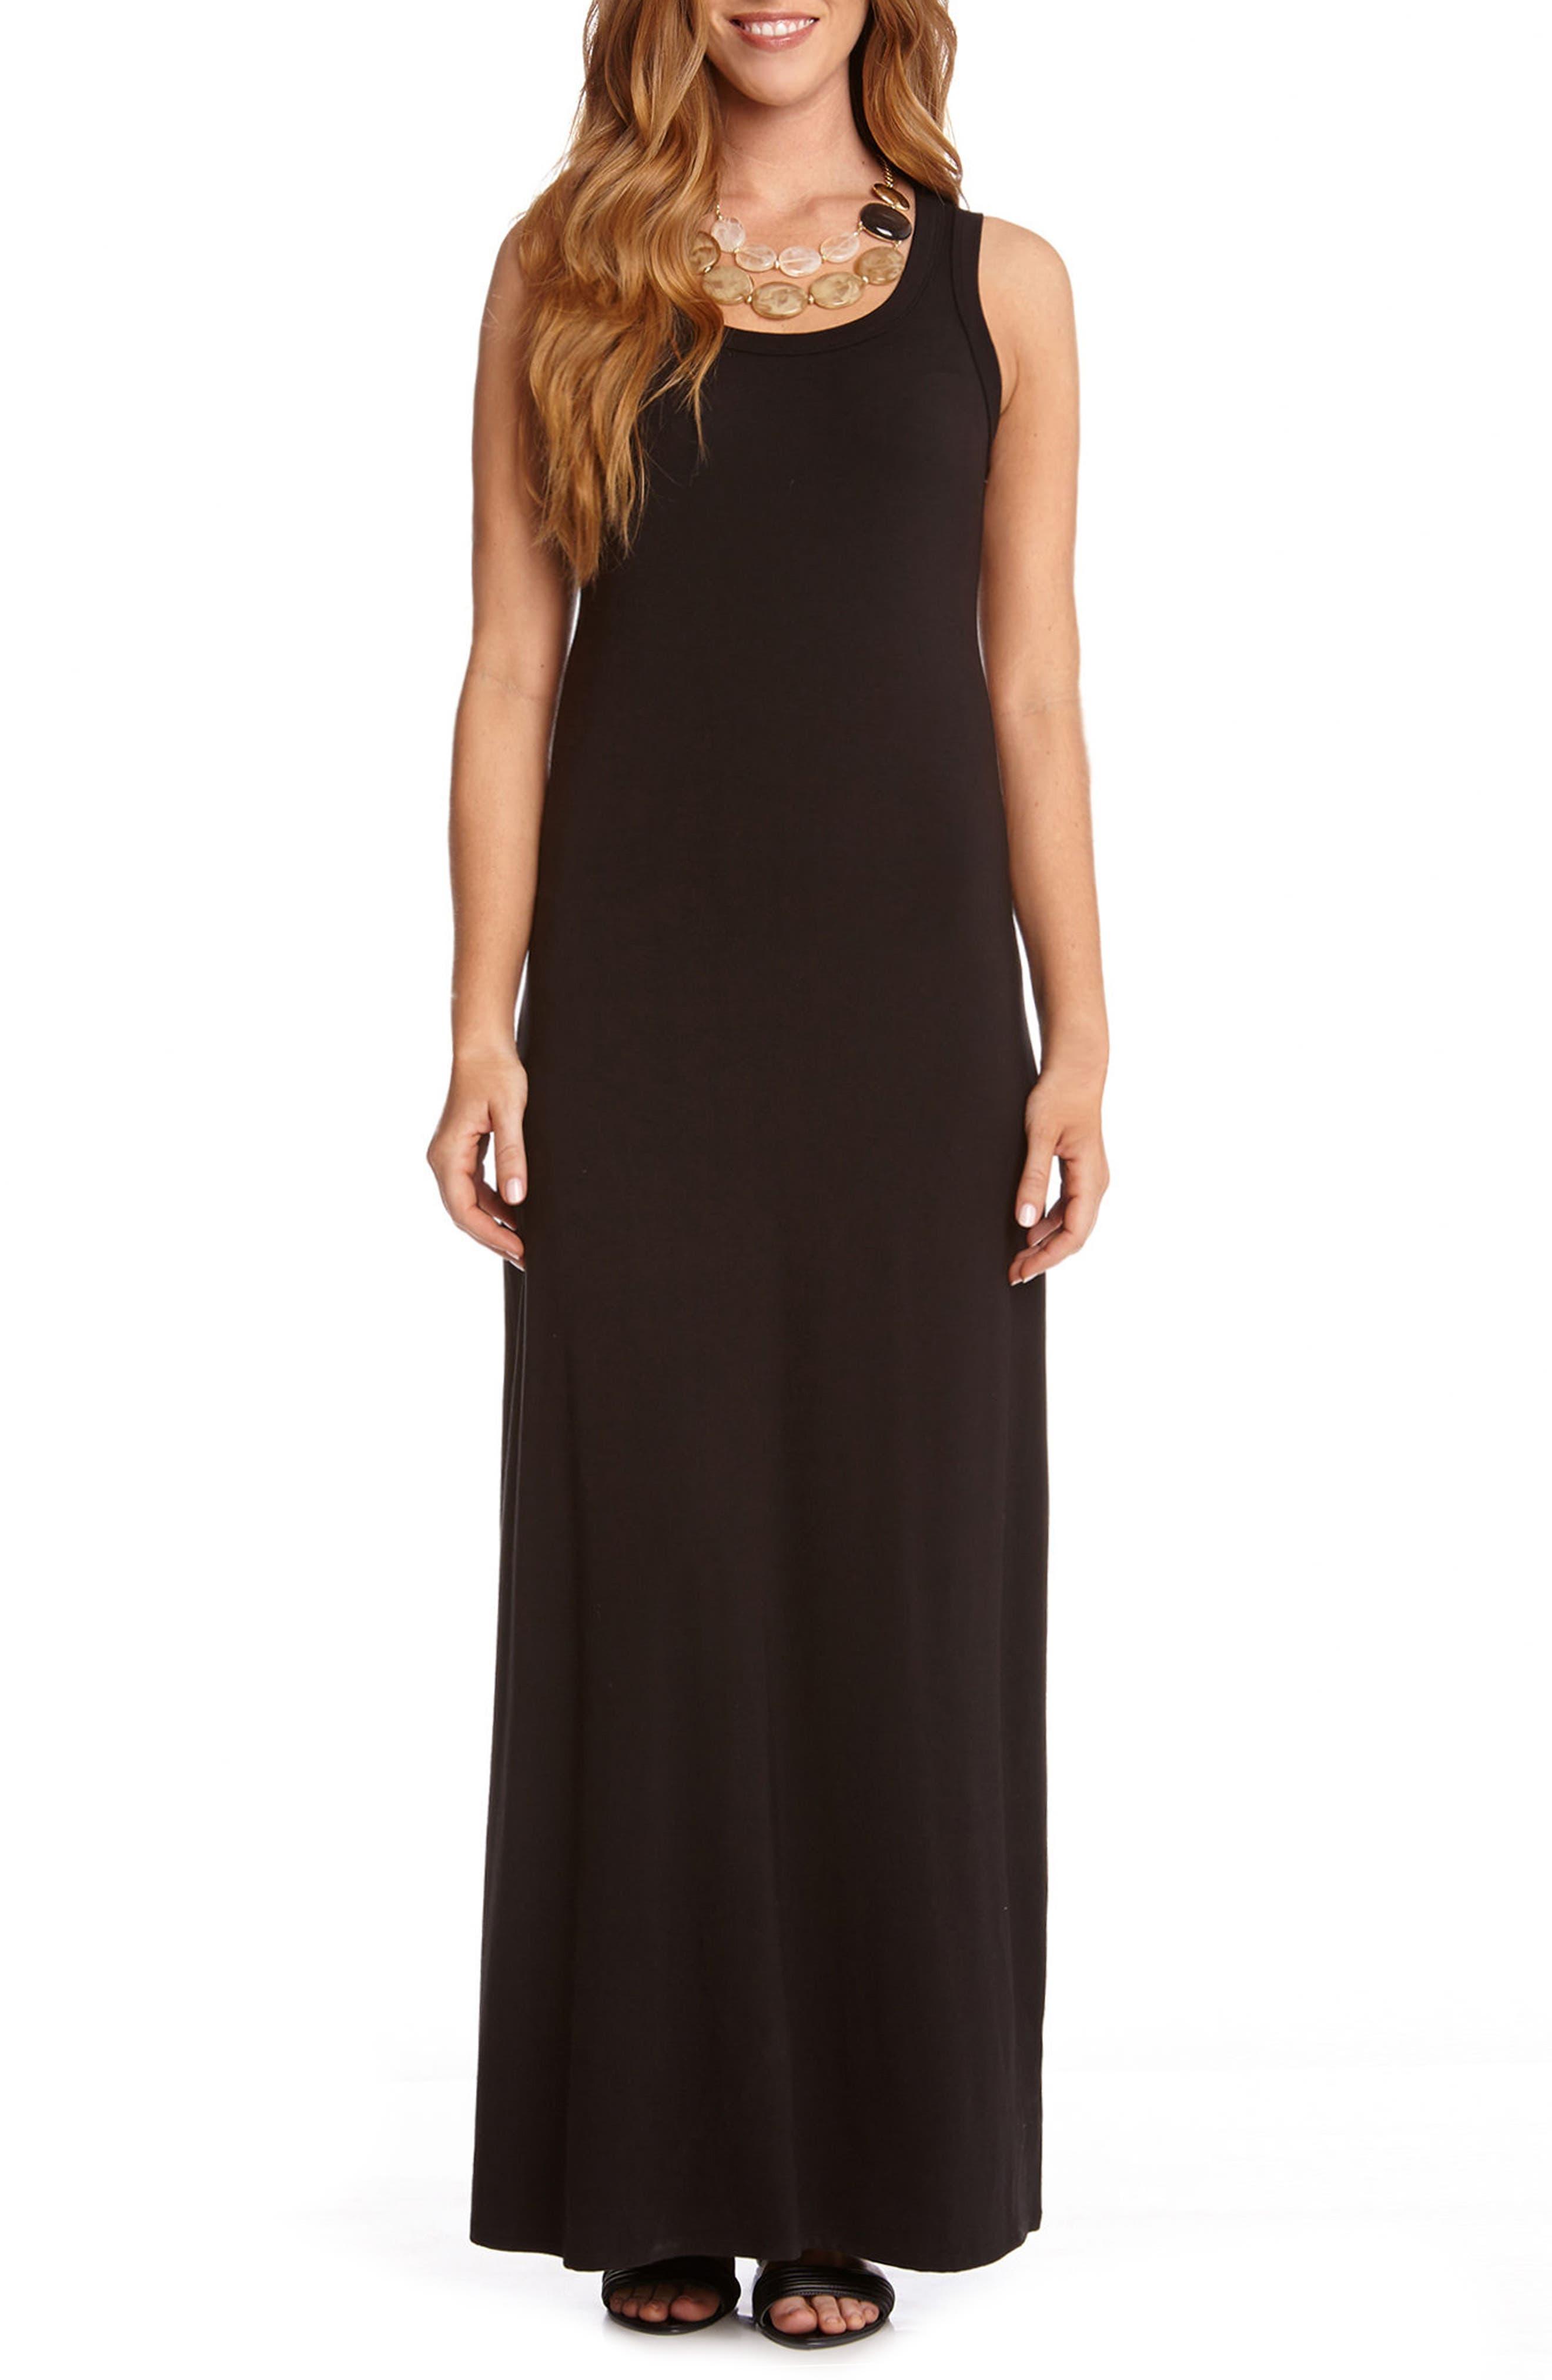 Maxi Tank Dress,                             Main thumbnail 1, color,                             Black